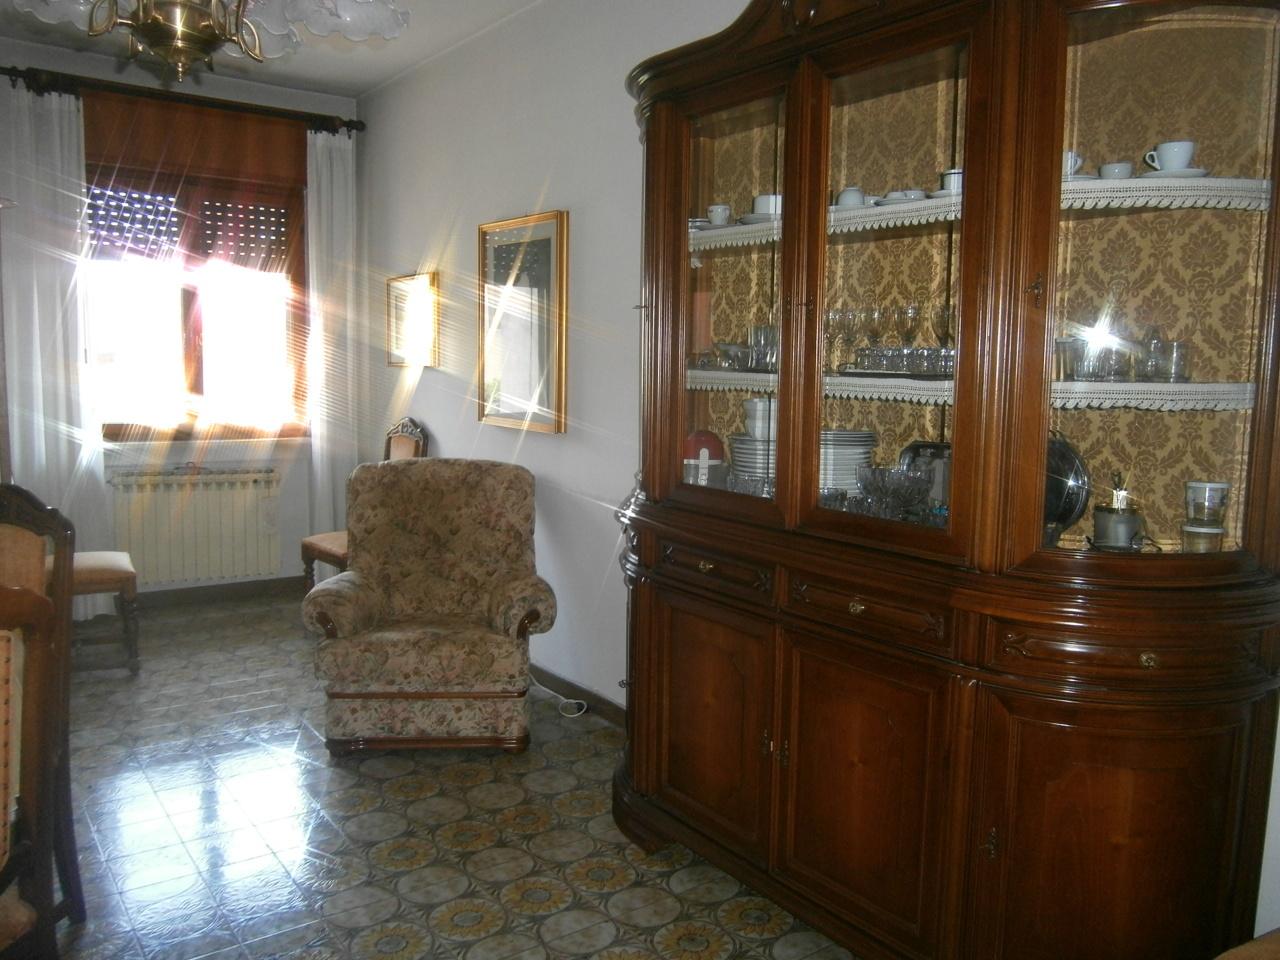 Appartamento in vendita a Lonigo, 5 locali, prezzo € 82.000 | Cambio Casa.it